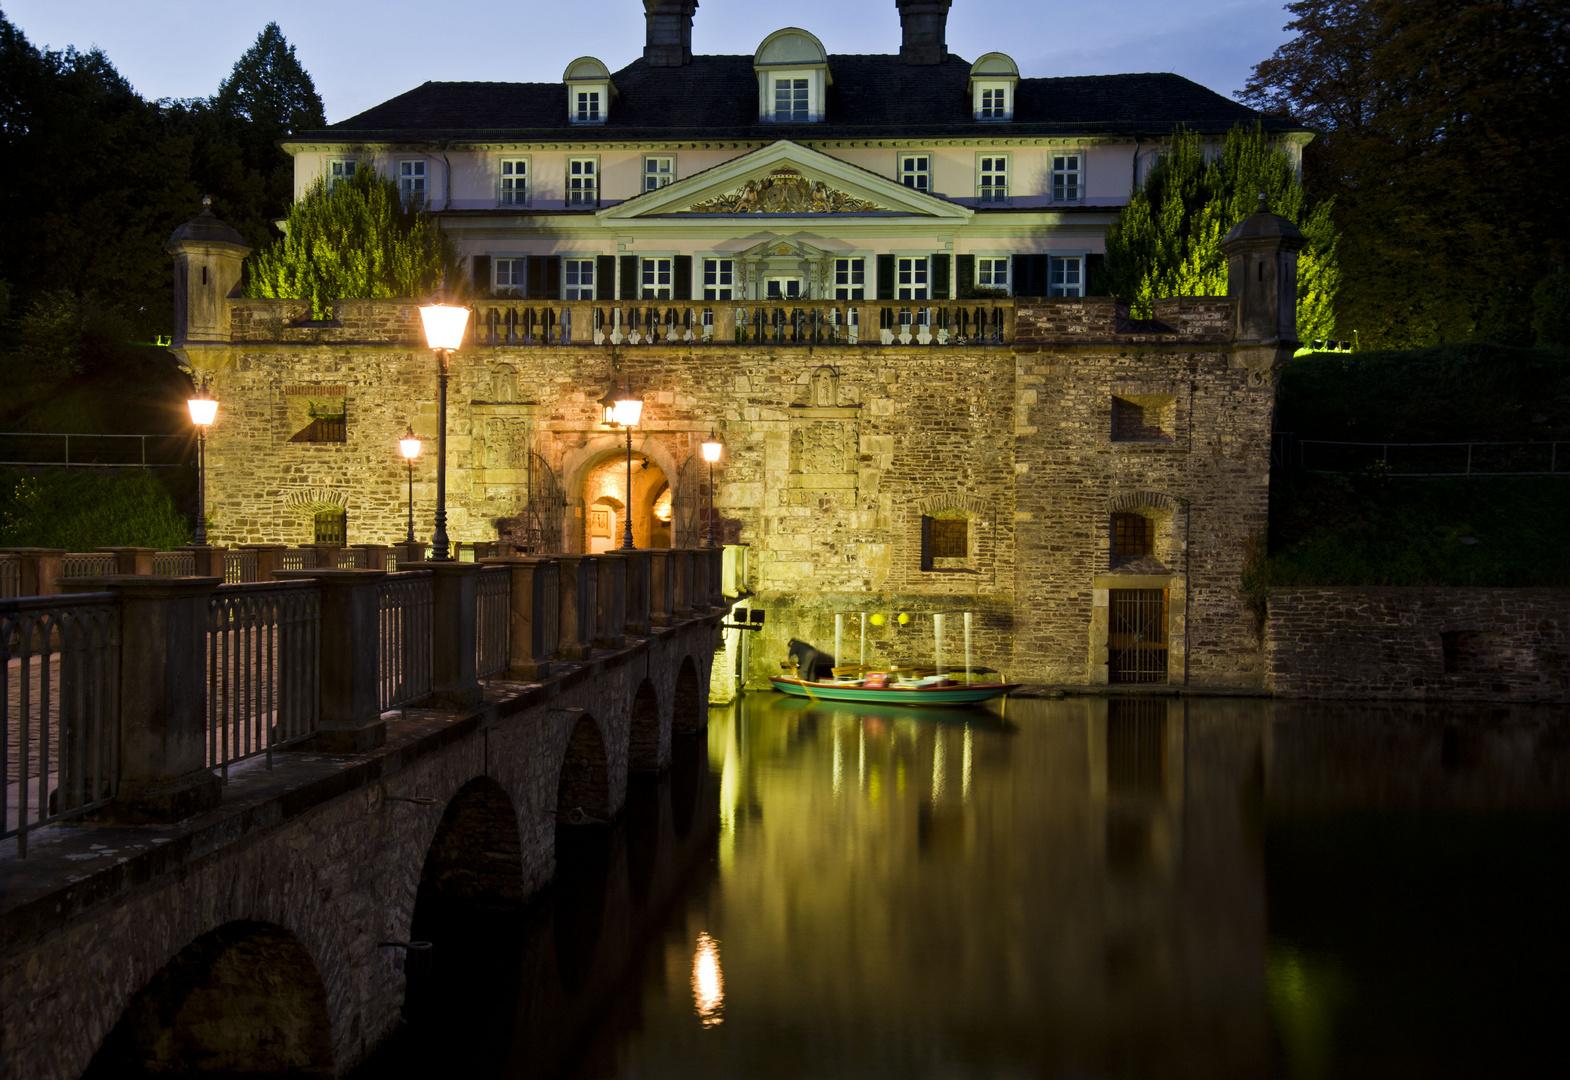 Wasserschloss in Bad- Pyrmont